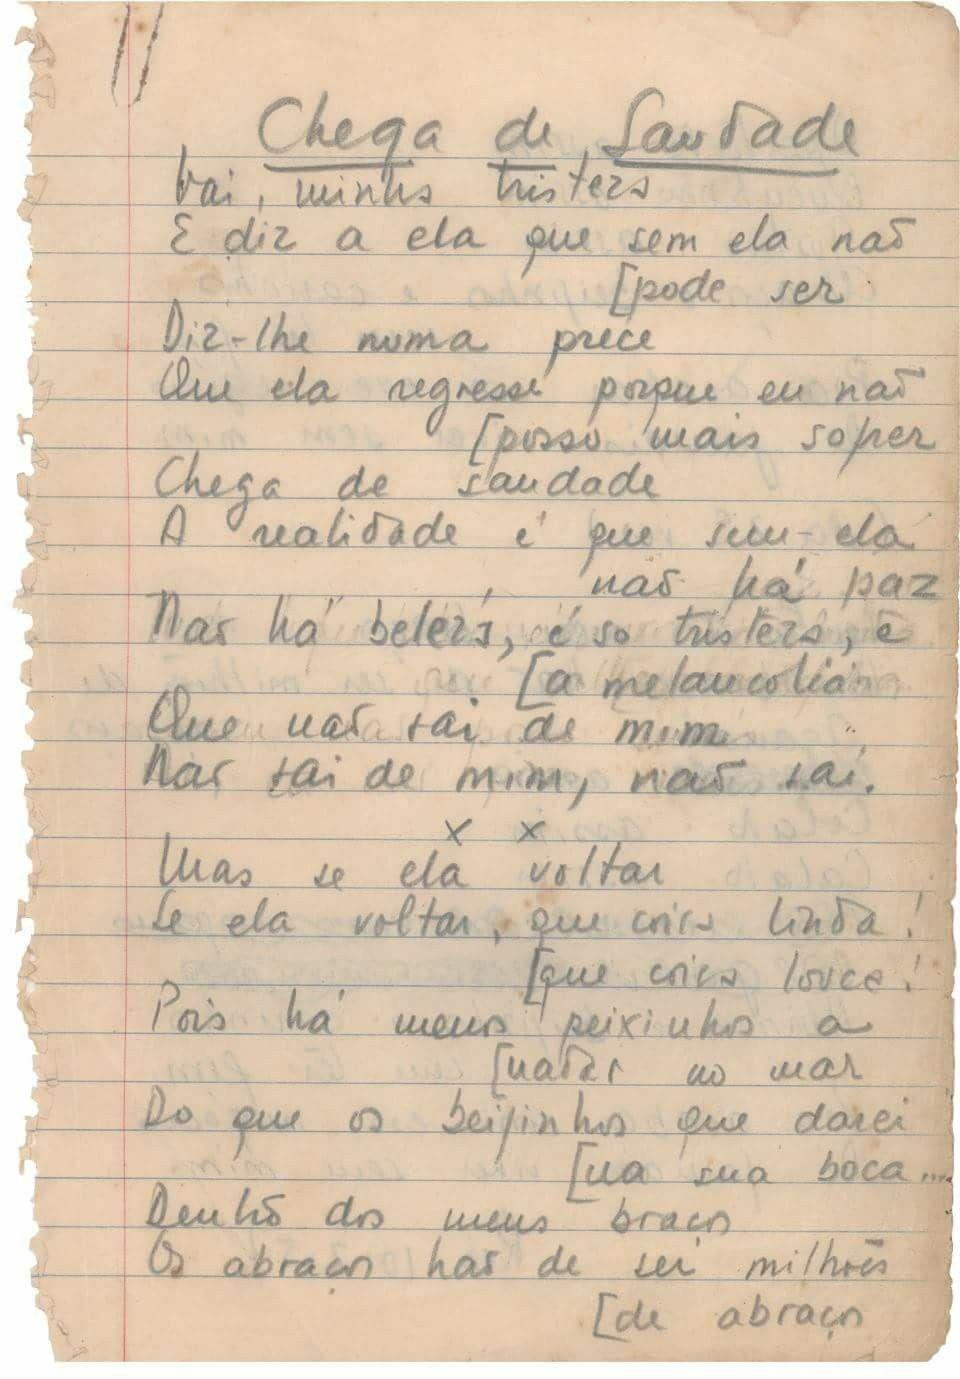 Manuscrito Da Criacao De Chega De Saudade Cancao Saudade